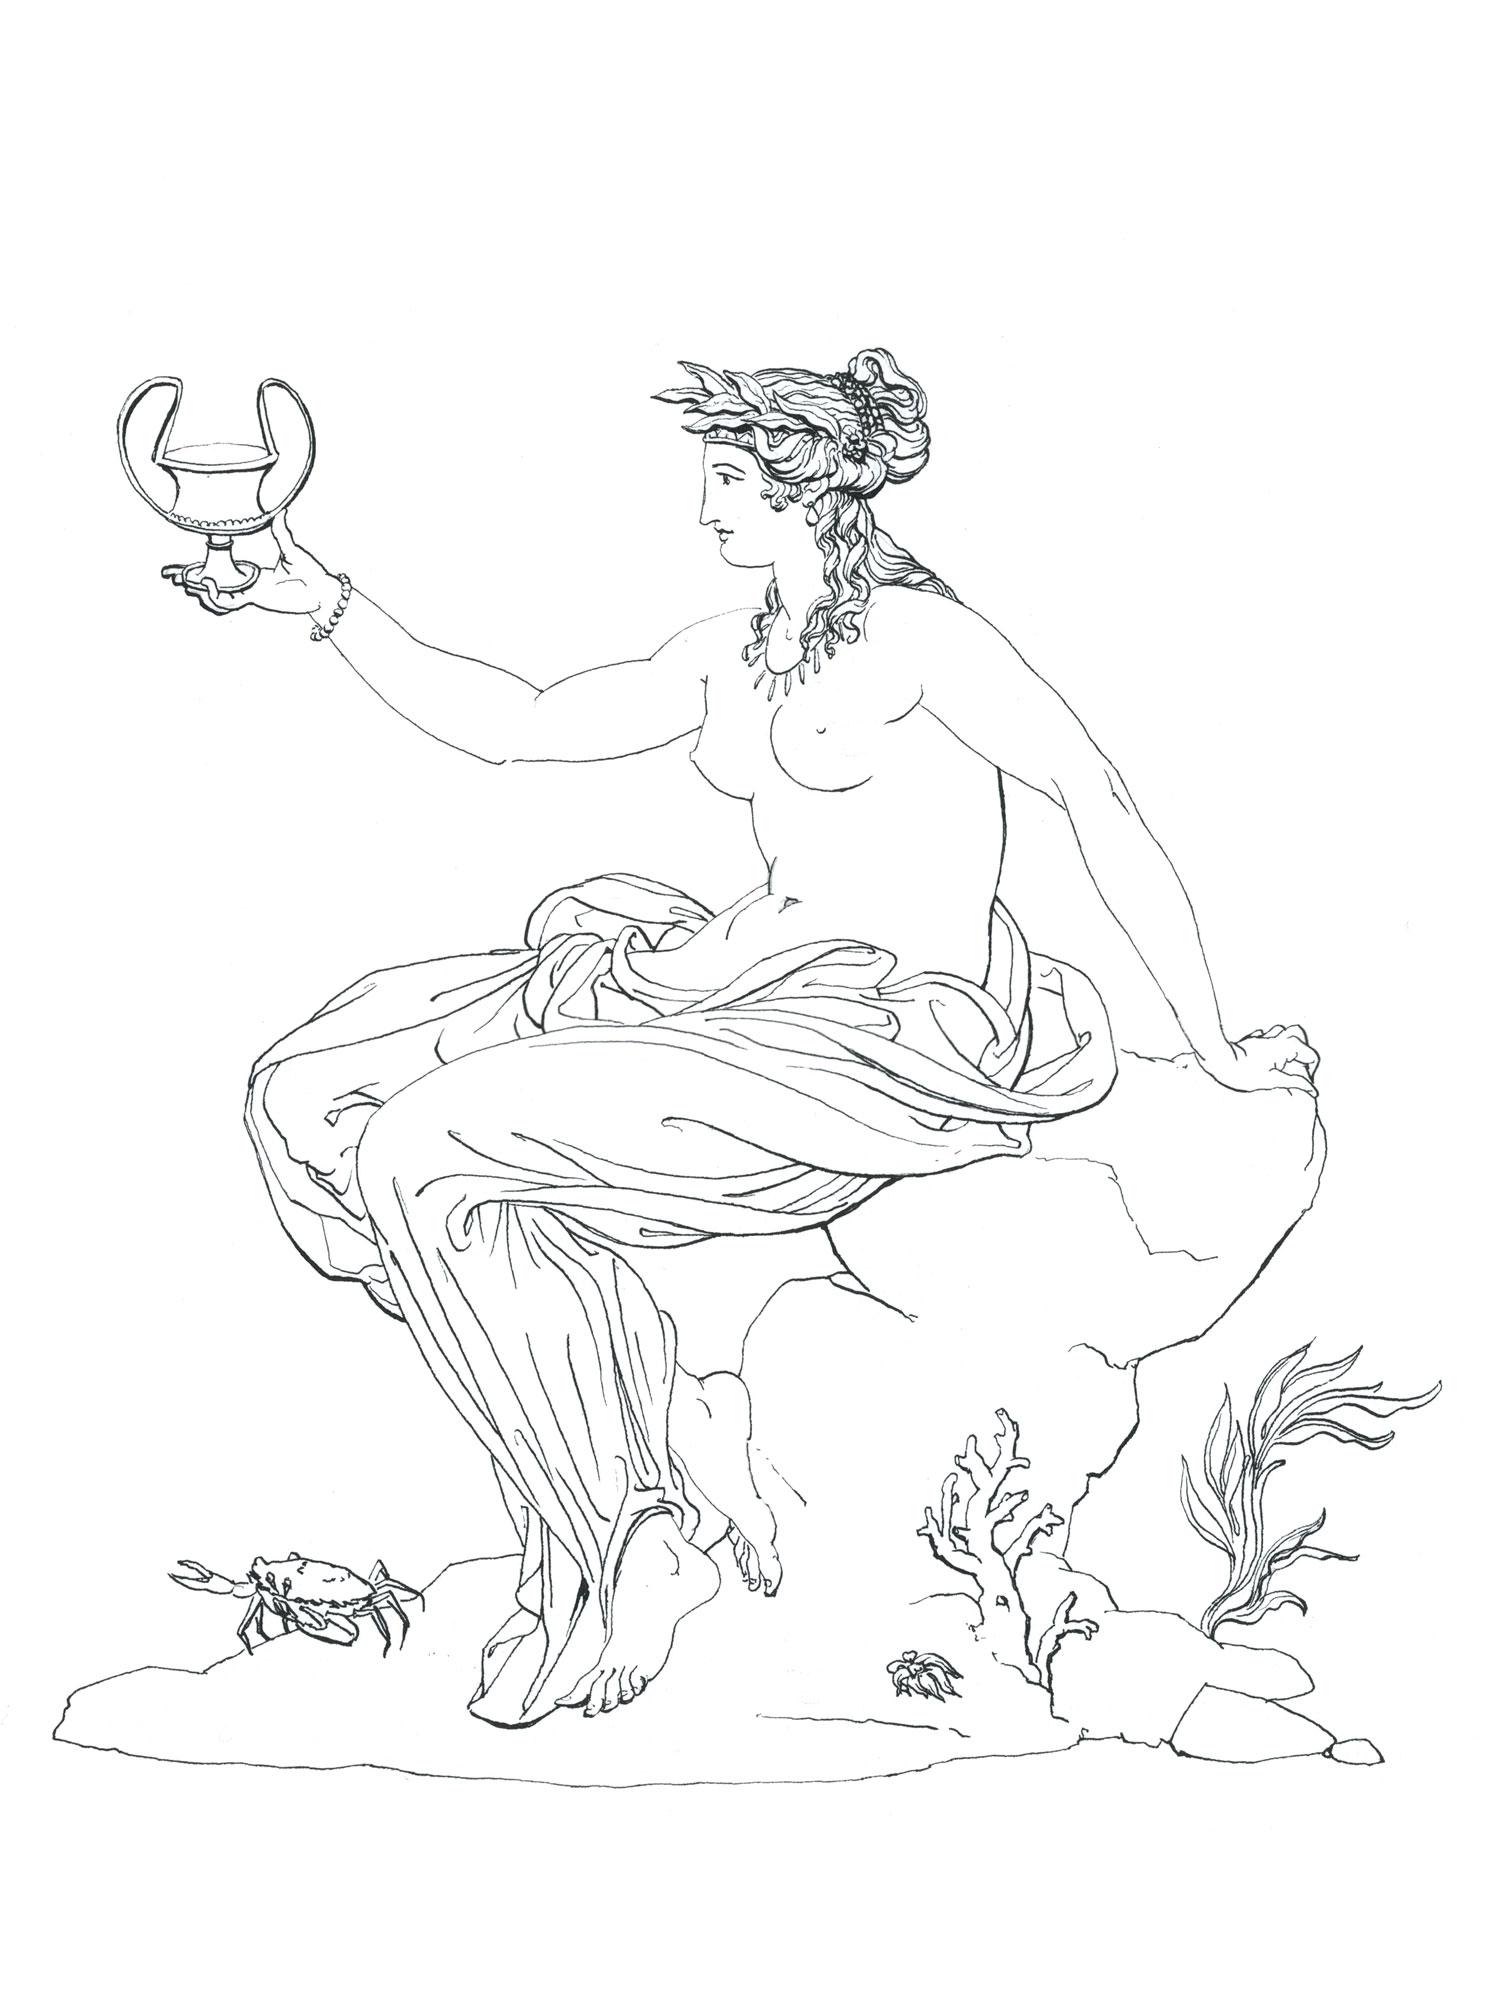 """Thetis Enthroned  2016, Ink on paper, 14 1/4"""" x 10 1/4"""" © Leonard Porter MMXVI"""